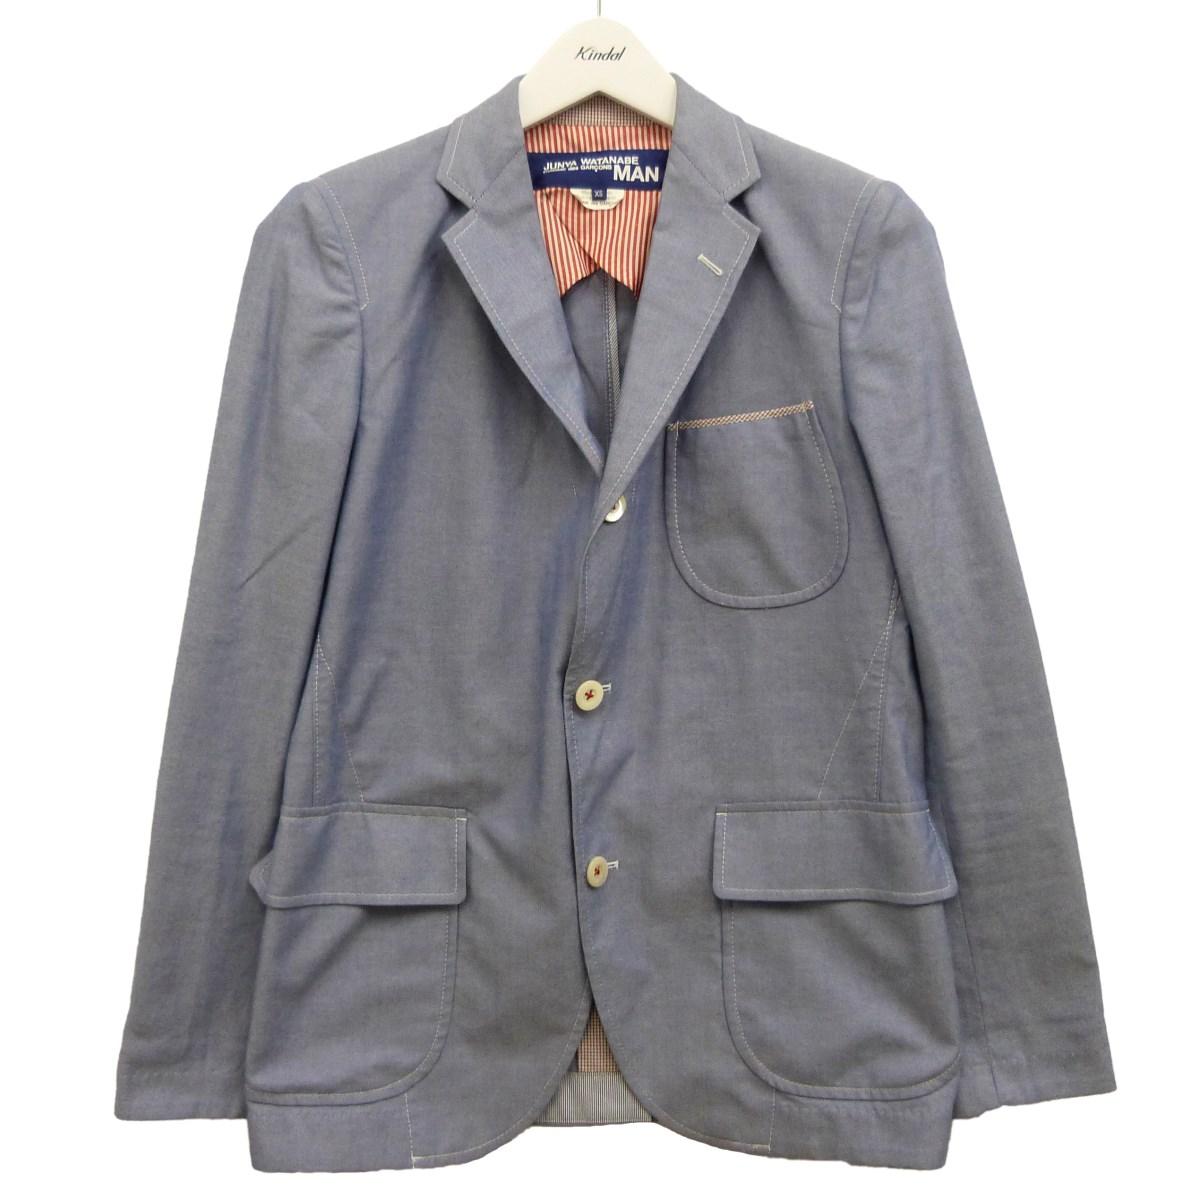 【中古】JUNYA WATANABE CdG MAN 13SSジャケット ブルー サイズ:XS 【230720】(ジュンヤワタナベコムデギャルソンマン)